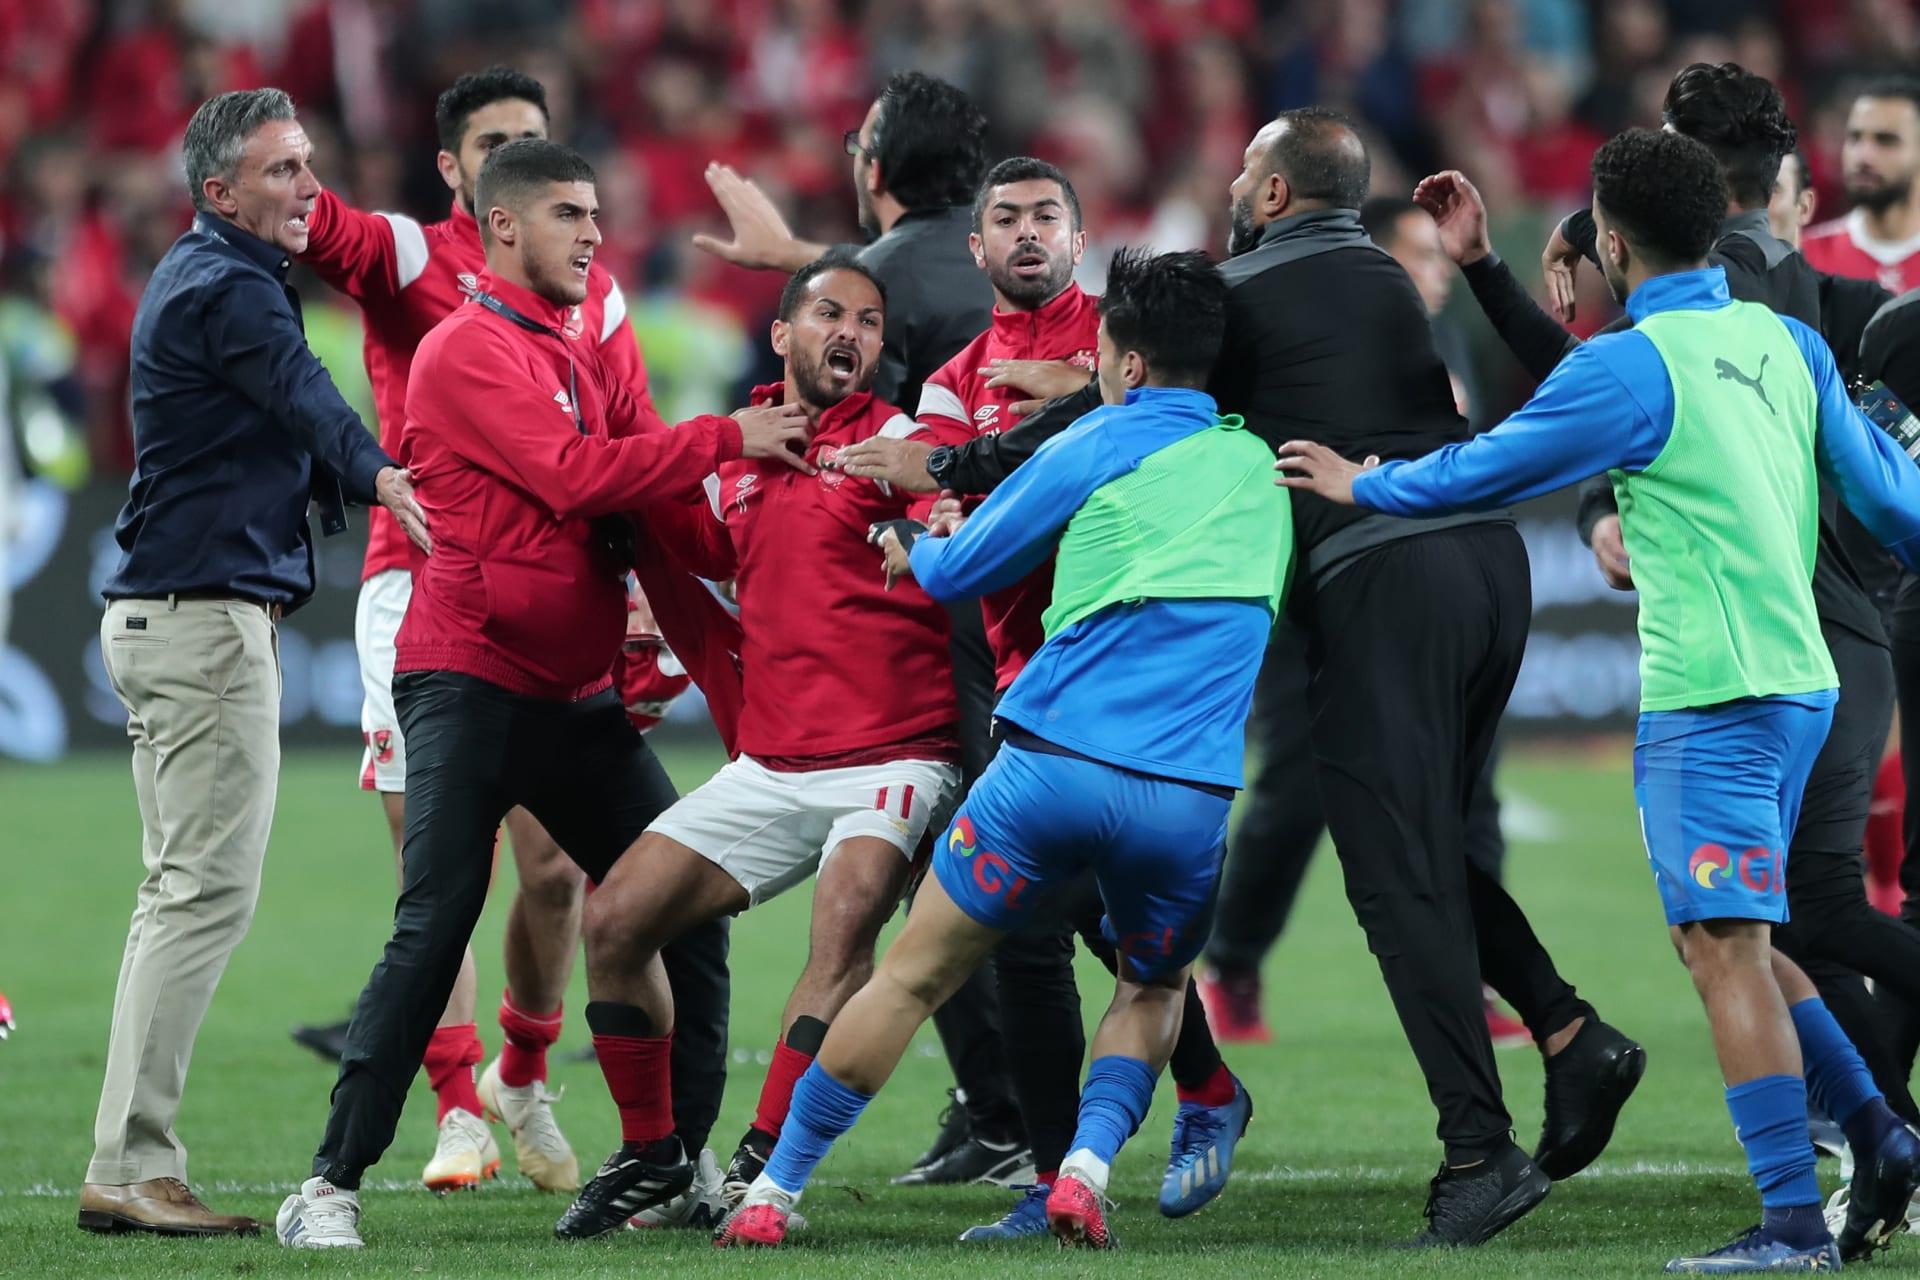 اشتباكات بين لاعبي الزمالك والأهلي بعد مباراة كأس السوبر بالإمارات في 20 فبراير